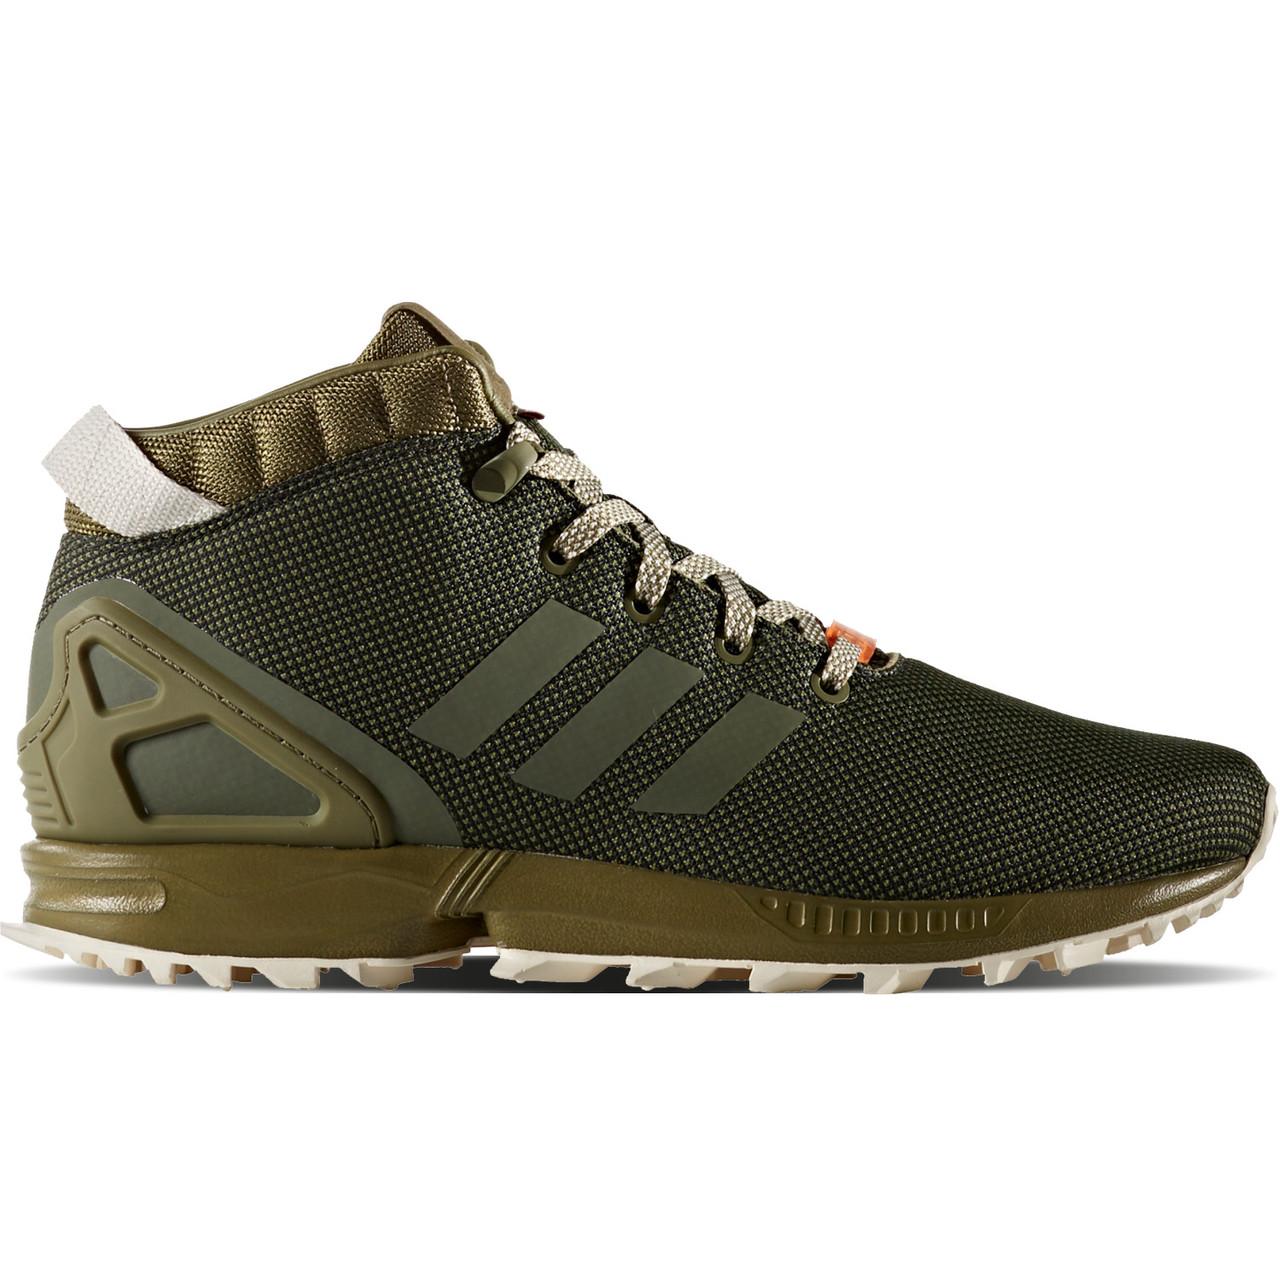 Оригинальные кроссовки adidas ZX Flux 5 8 Olive Cargo - Sport-Sneakers -  Оригинальные 84cc8e18312